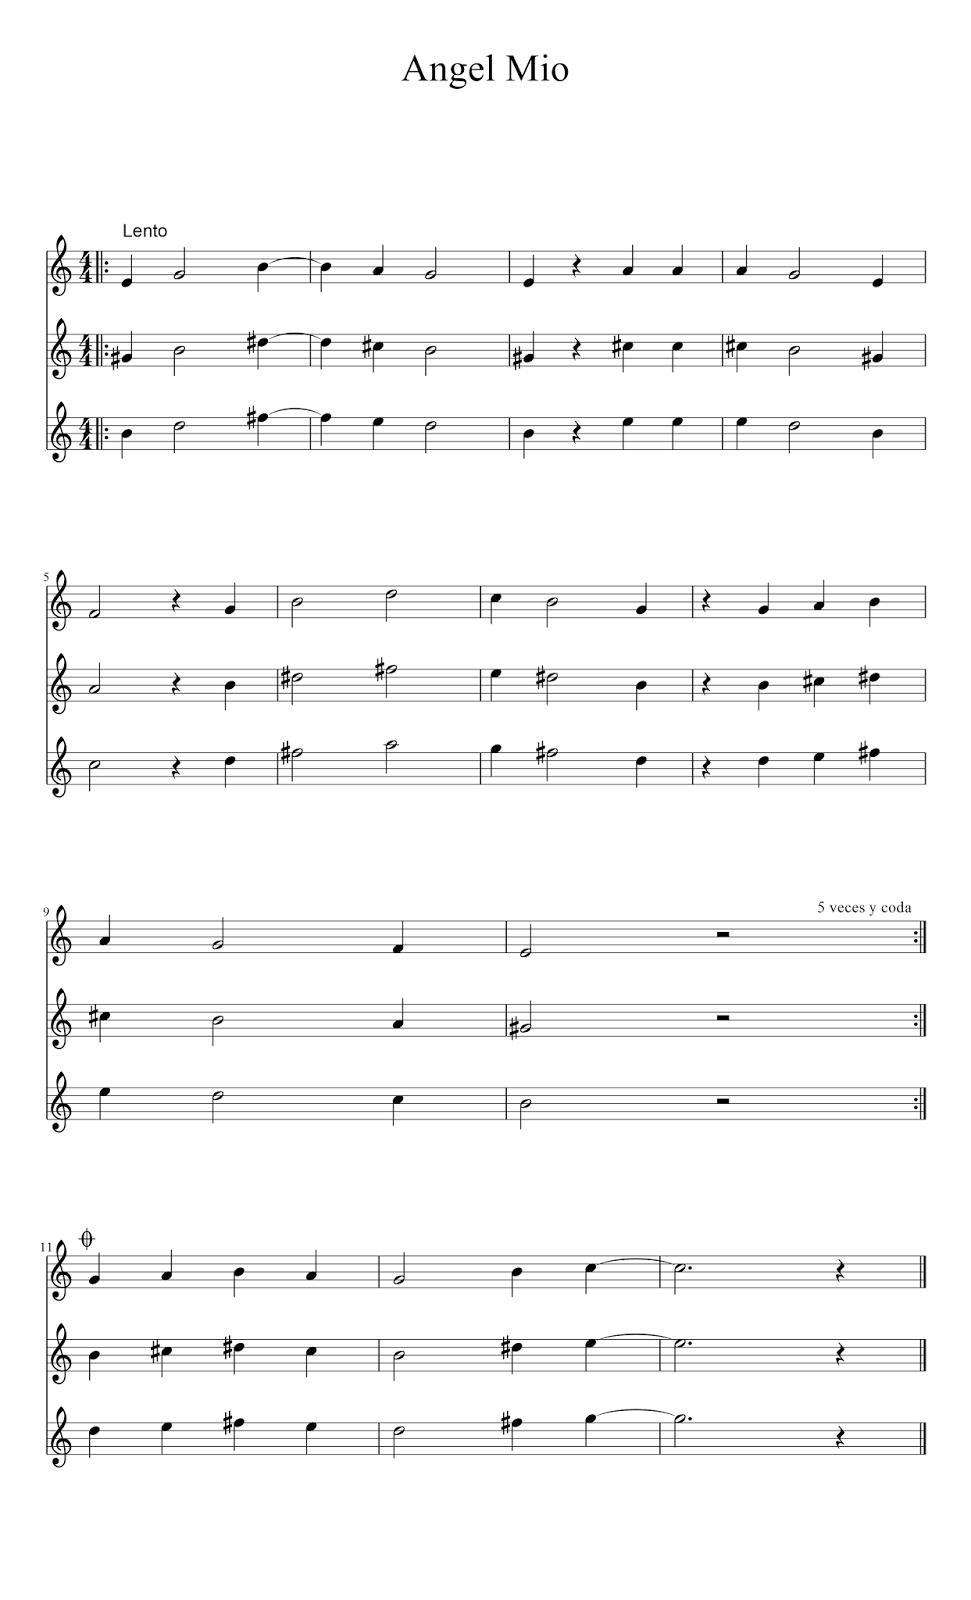 Partitura Armonización de Angel mio En Clave de Sol